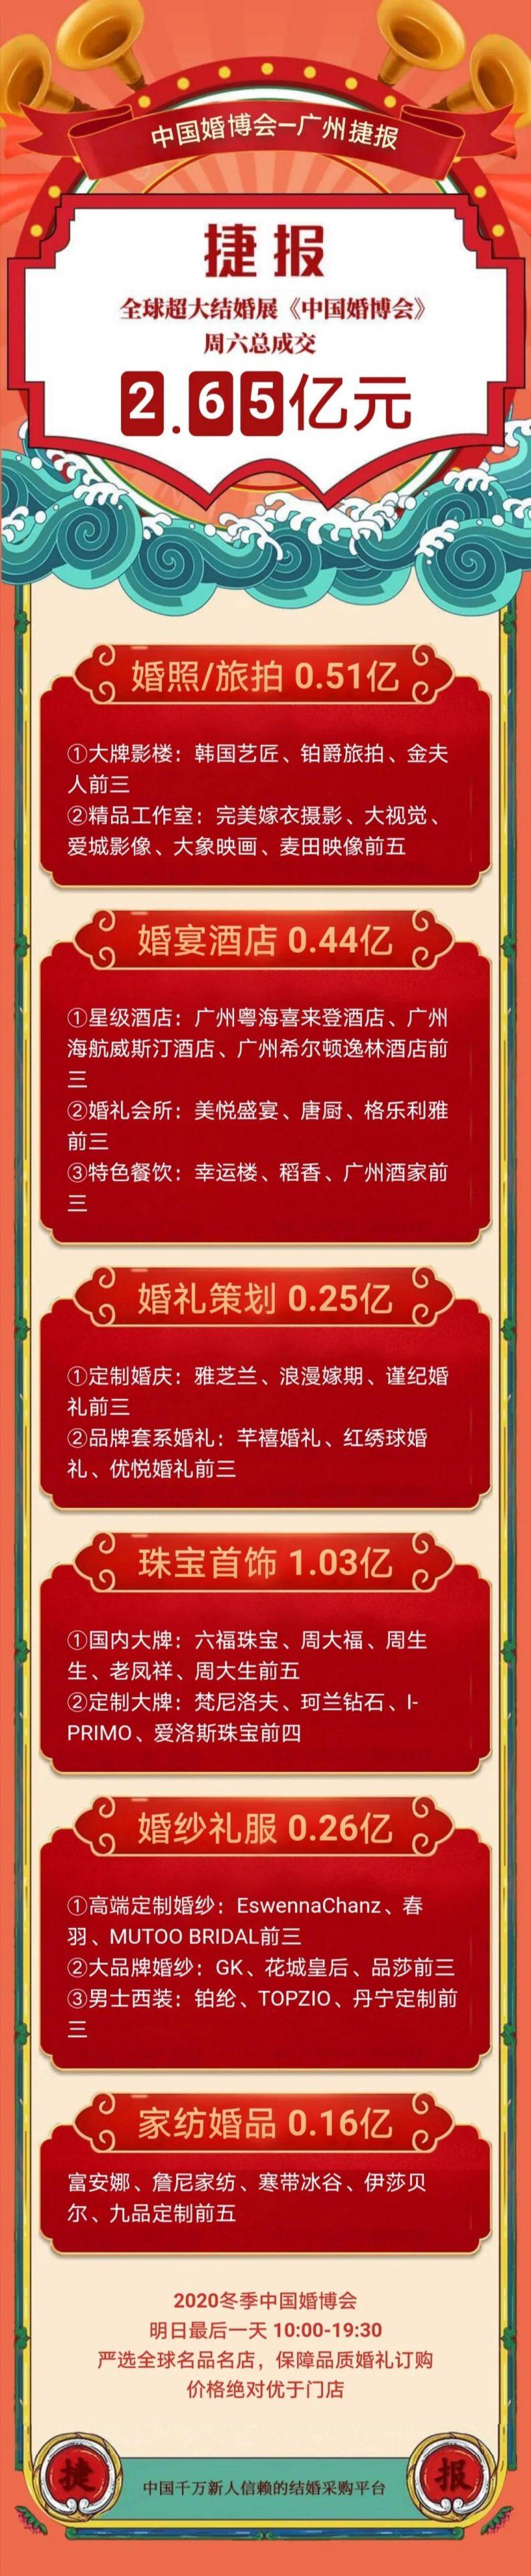 数据:广州婚博会单日成交2.65亿!(附商家展位图)  第2张